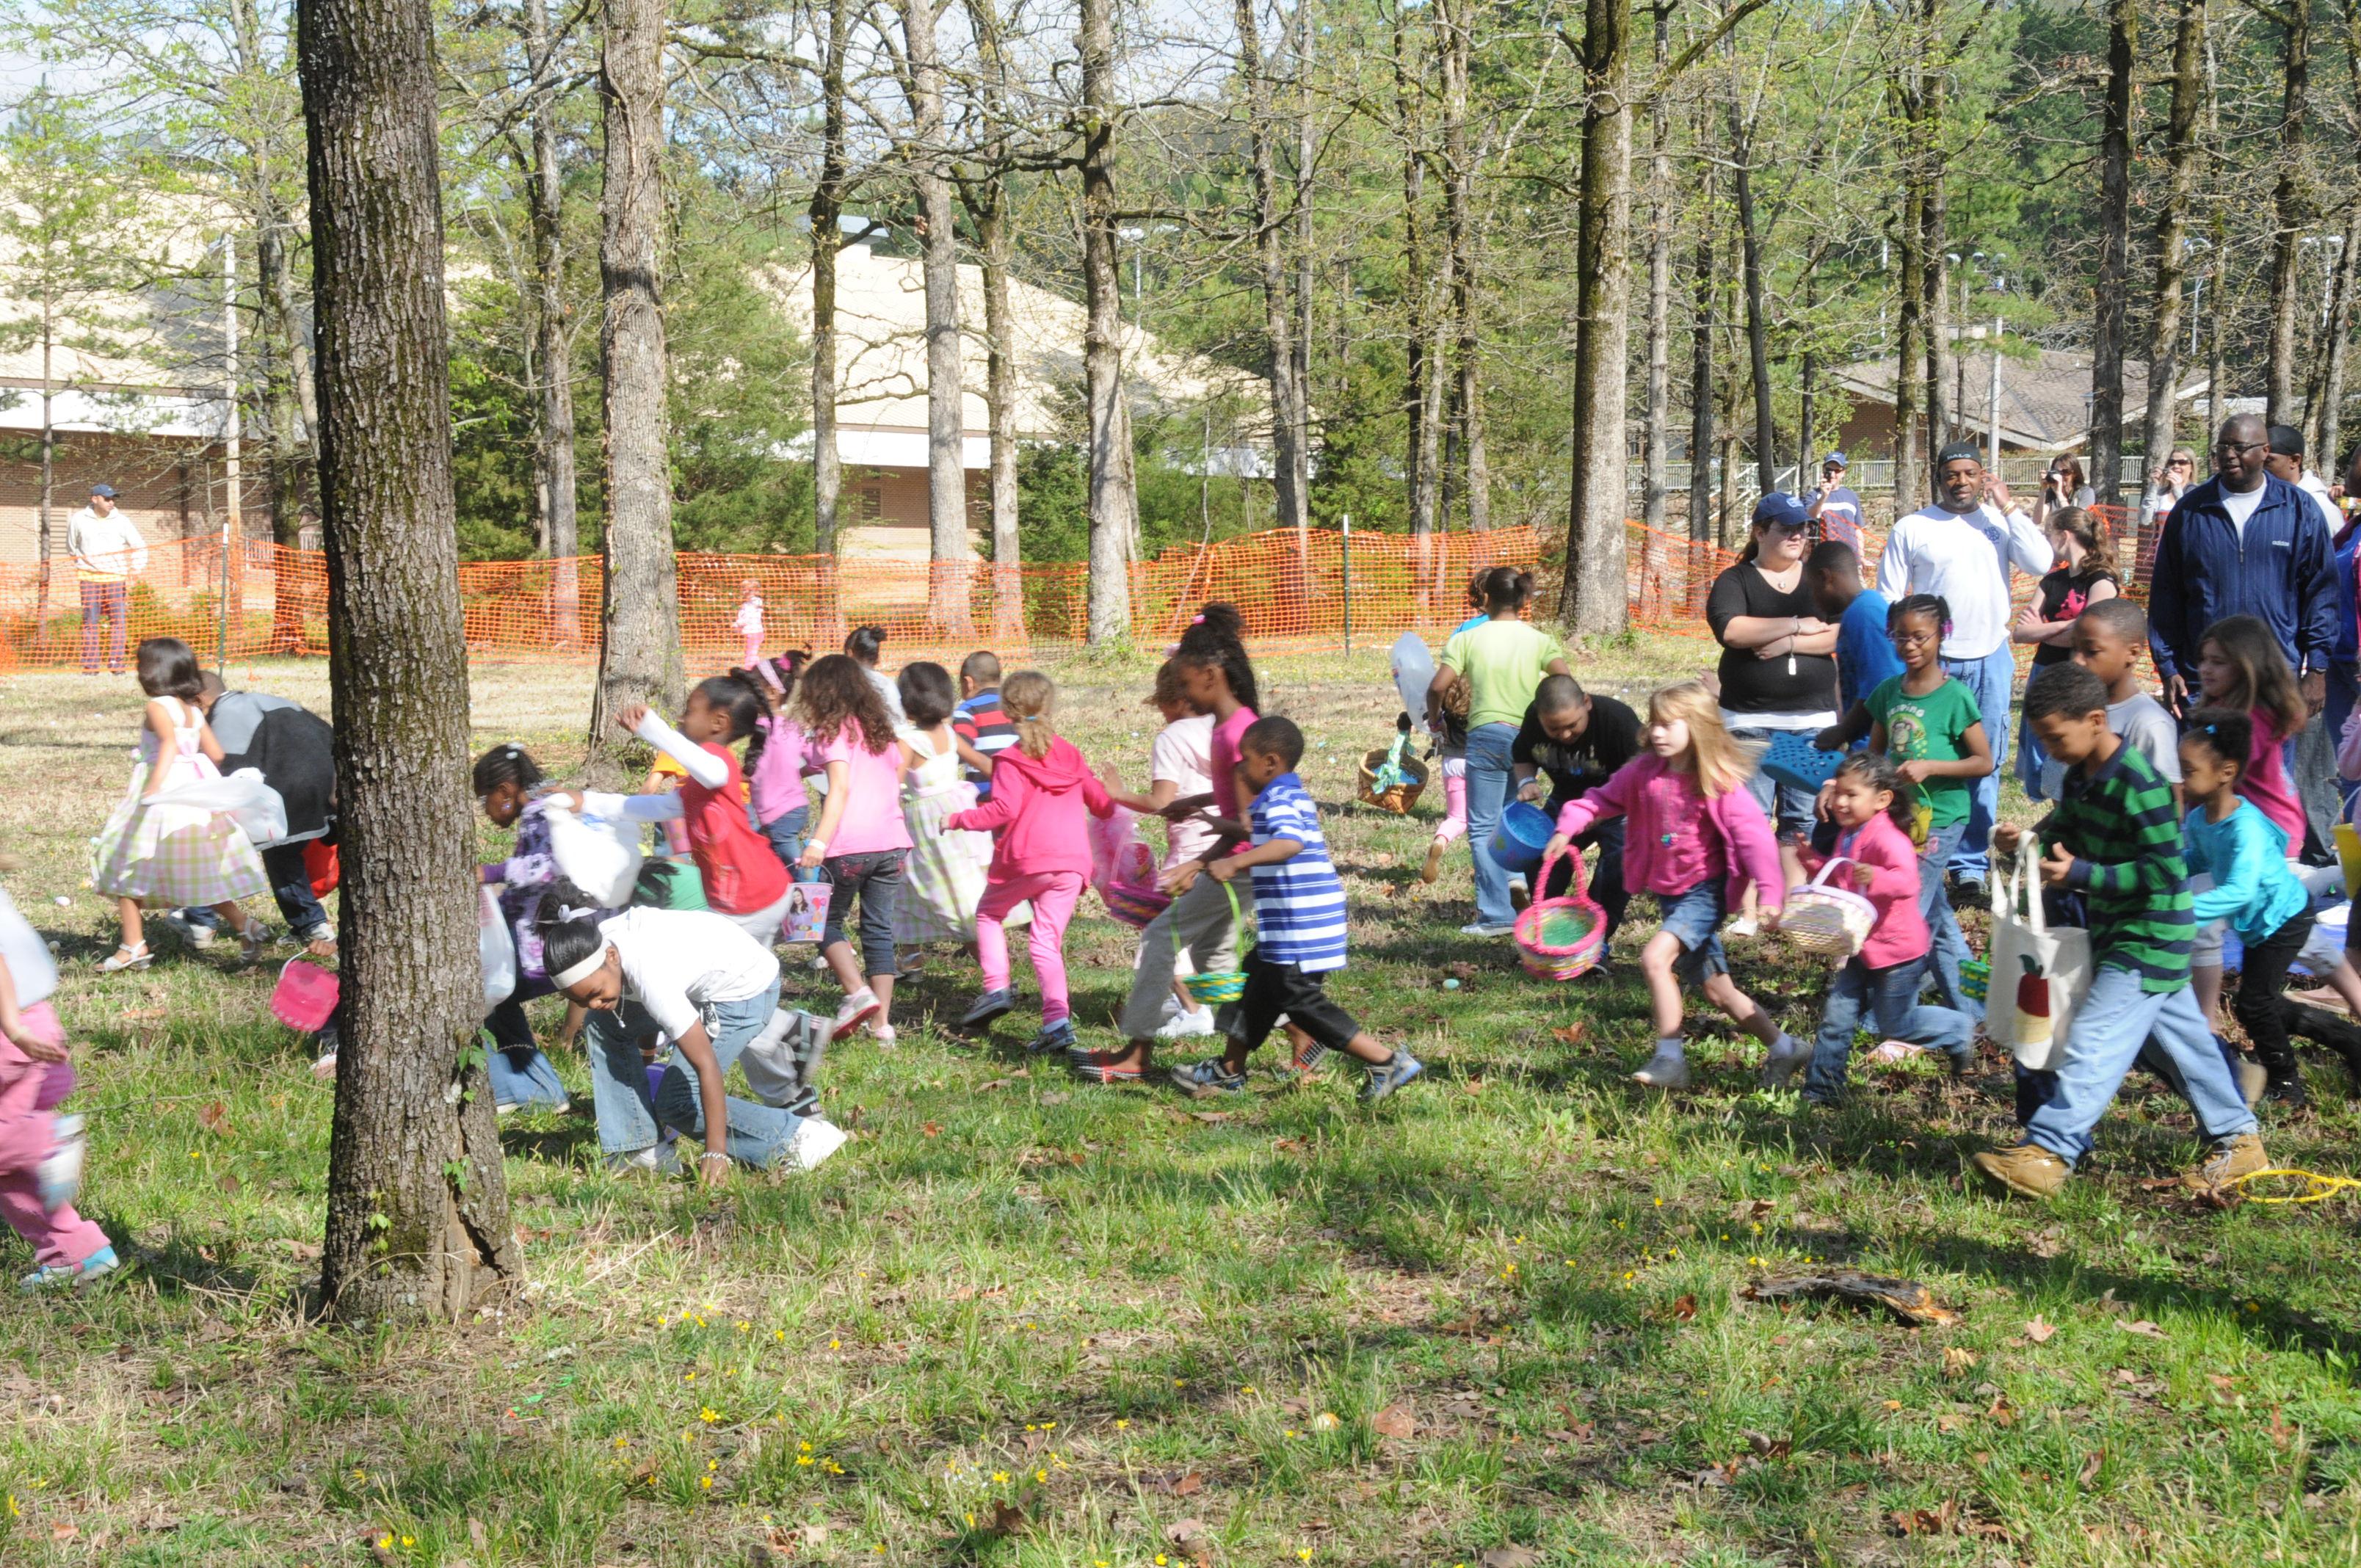 Burns Park Easter Egg Hunt North Little Rock